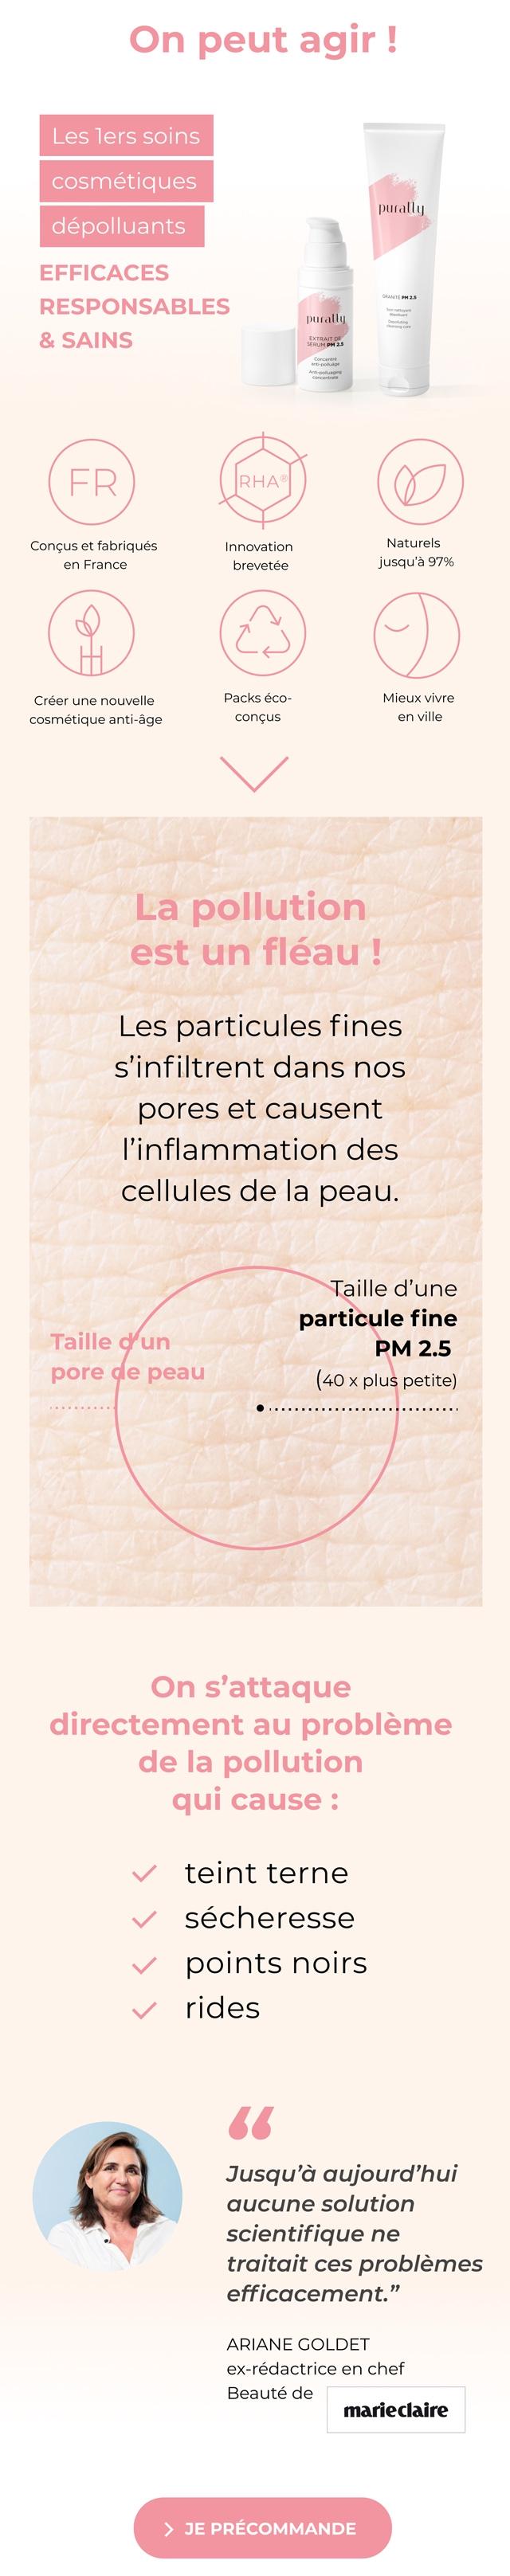 """On peut agir ! Les lers soins cosmetiques purally depolluants EFFICACES RESPONSABLES purally & SAINS FR RHA Concus et fabriques Innovation Naturels en France brevetee jusqu'a 97% Creer une nouvelle Packs eco- Mieux vivre cosmetique anti-age concus en ville La pollution est un fleau ! Les particules fines s'infiltrent dans nos pores et causent des cellules de la peau. Taille d'une particule fine Taille d un PM 2.5 pore de peau (40 X plus petite) On s'attaque directement au probleme de la pollution qui cause teint terne secheresse points noirs rides Jusqu'a aujourd'hui aucune solution scientifique ne traitait ces problemes efficacement."""" ARIANE GOLDET ex-redactrice en chef Beaute de marieclaire > JE PRECOMMANDE"""